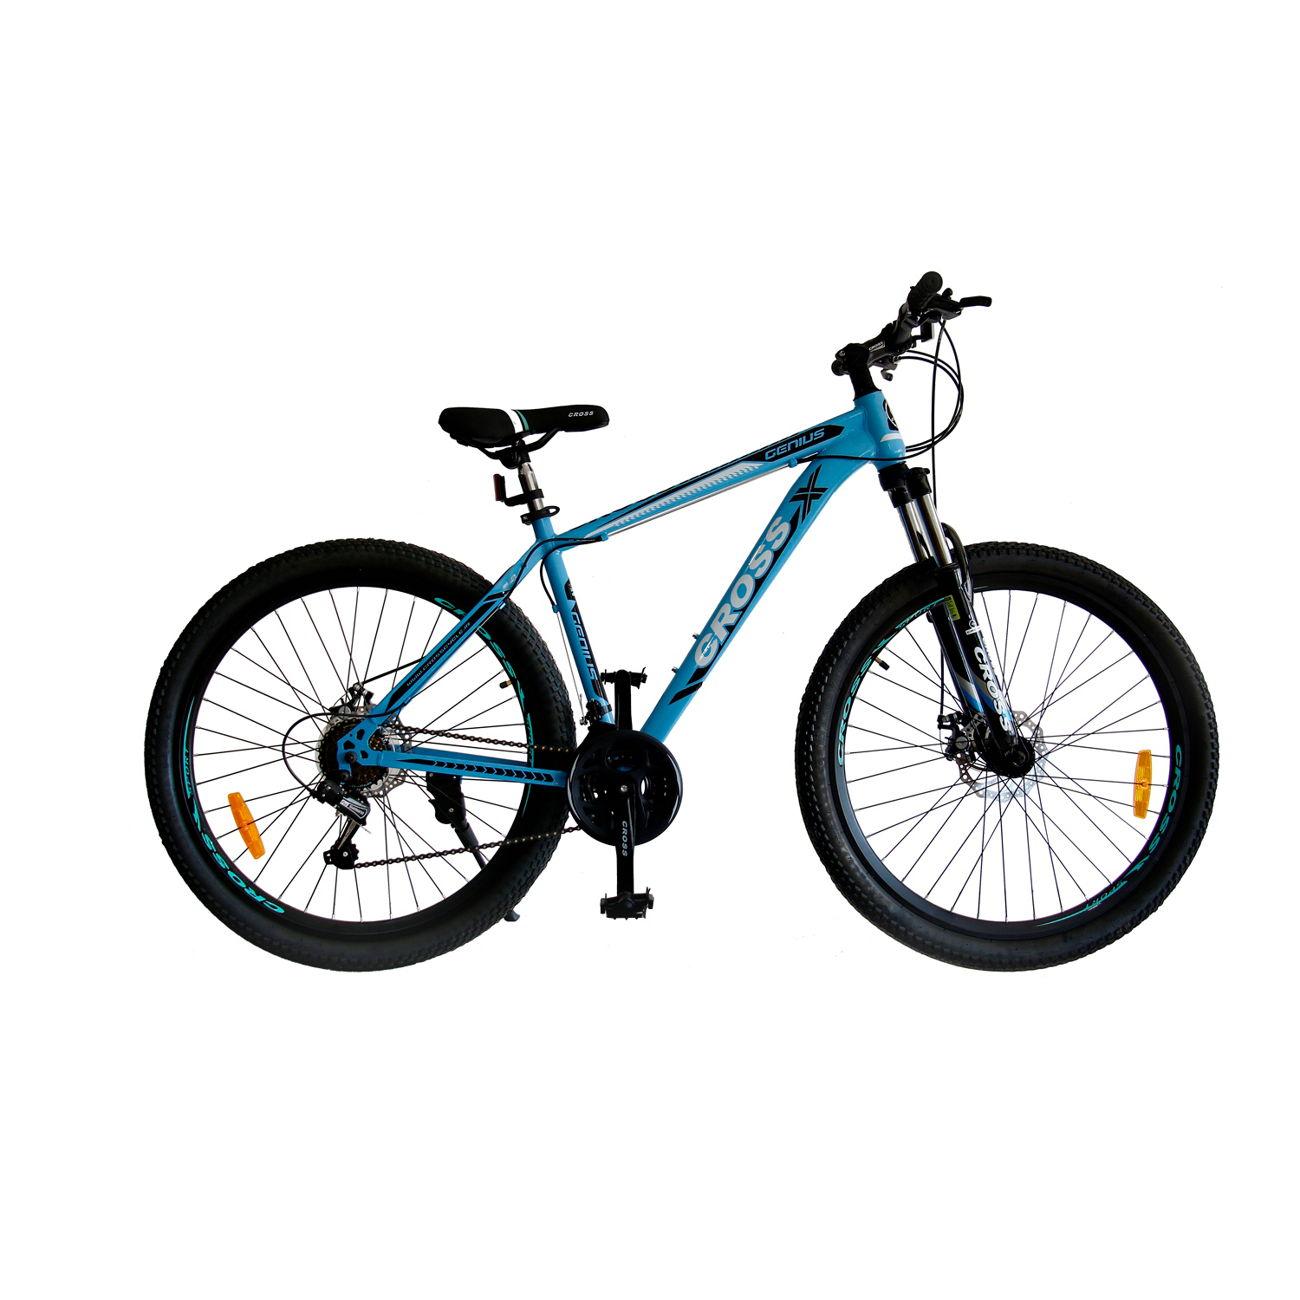 خرید                     دوچرخه کوهستان کراس مدل GENIUS سایز 27.5